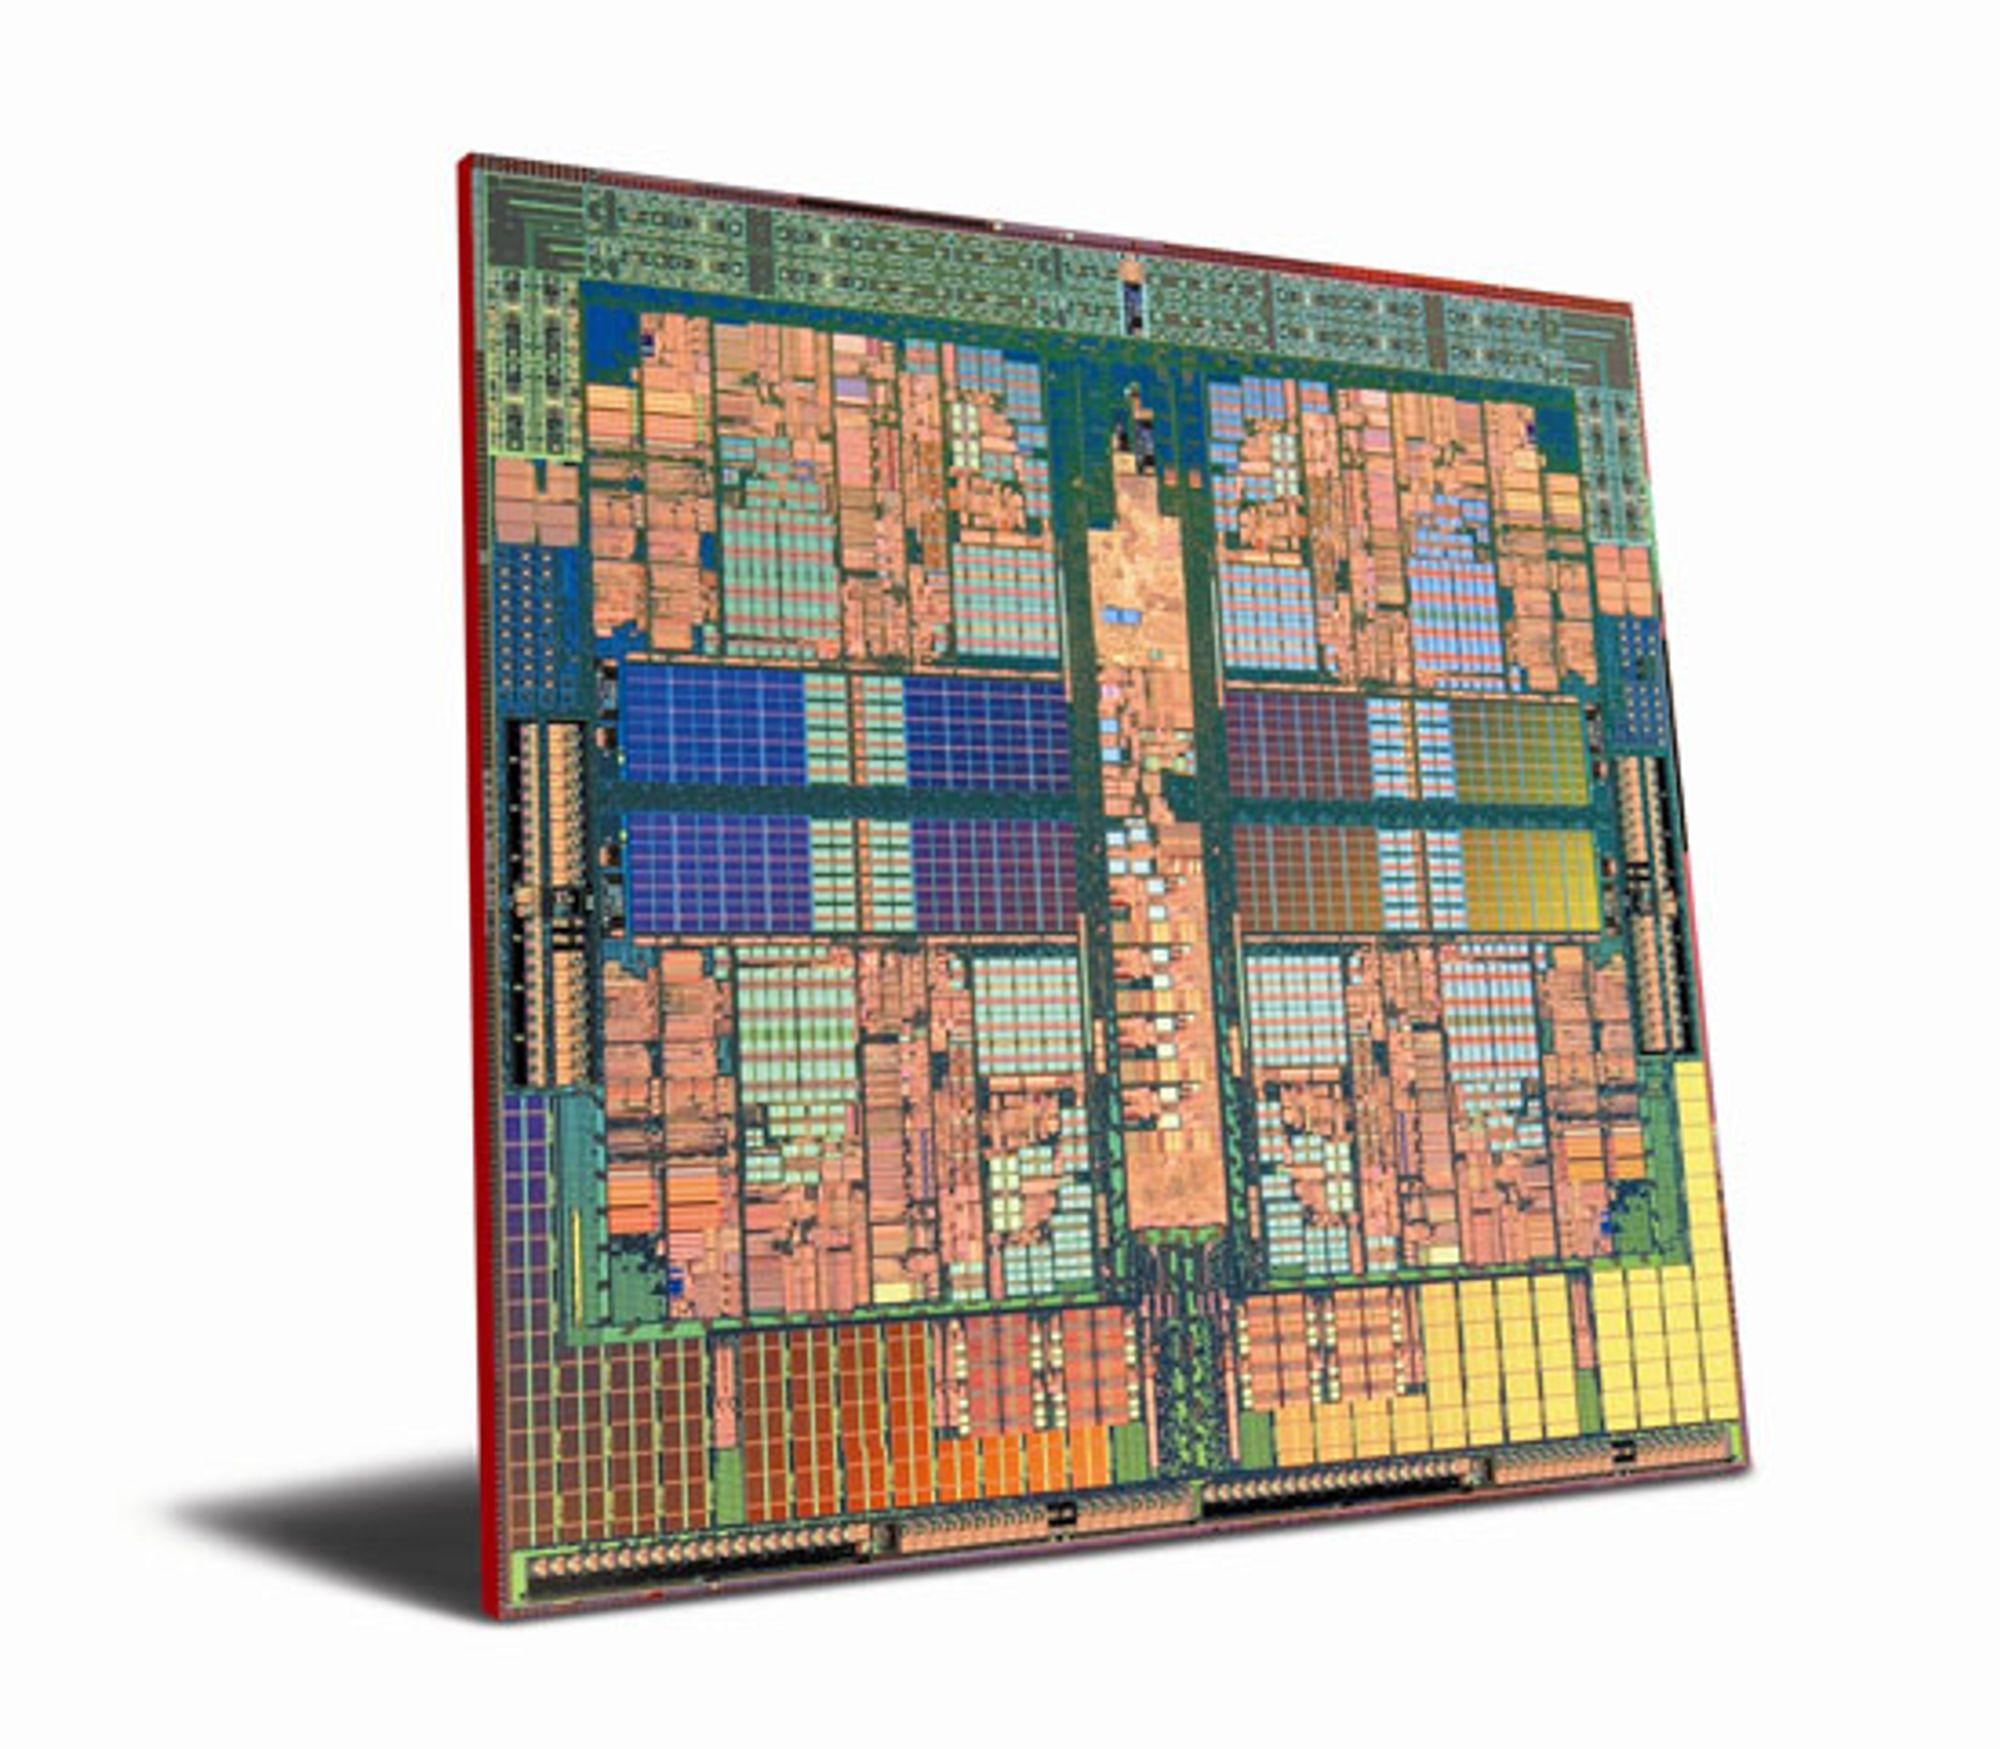 Innsiden av AMD Phenom